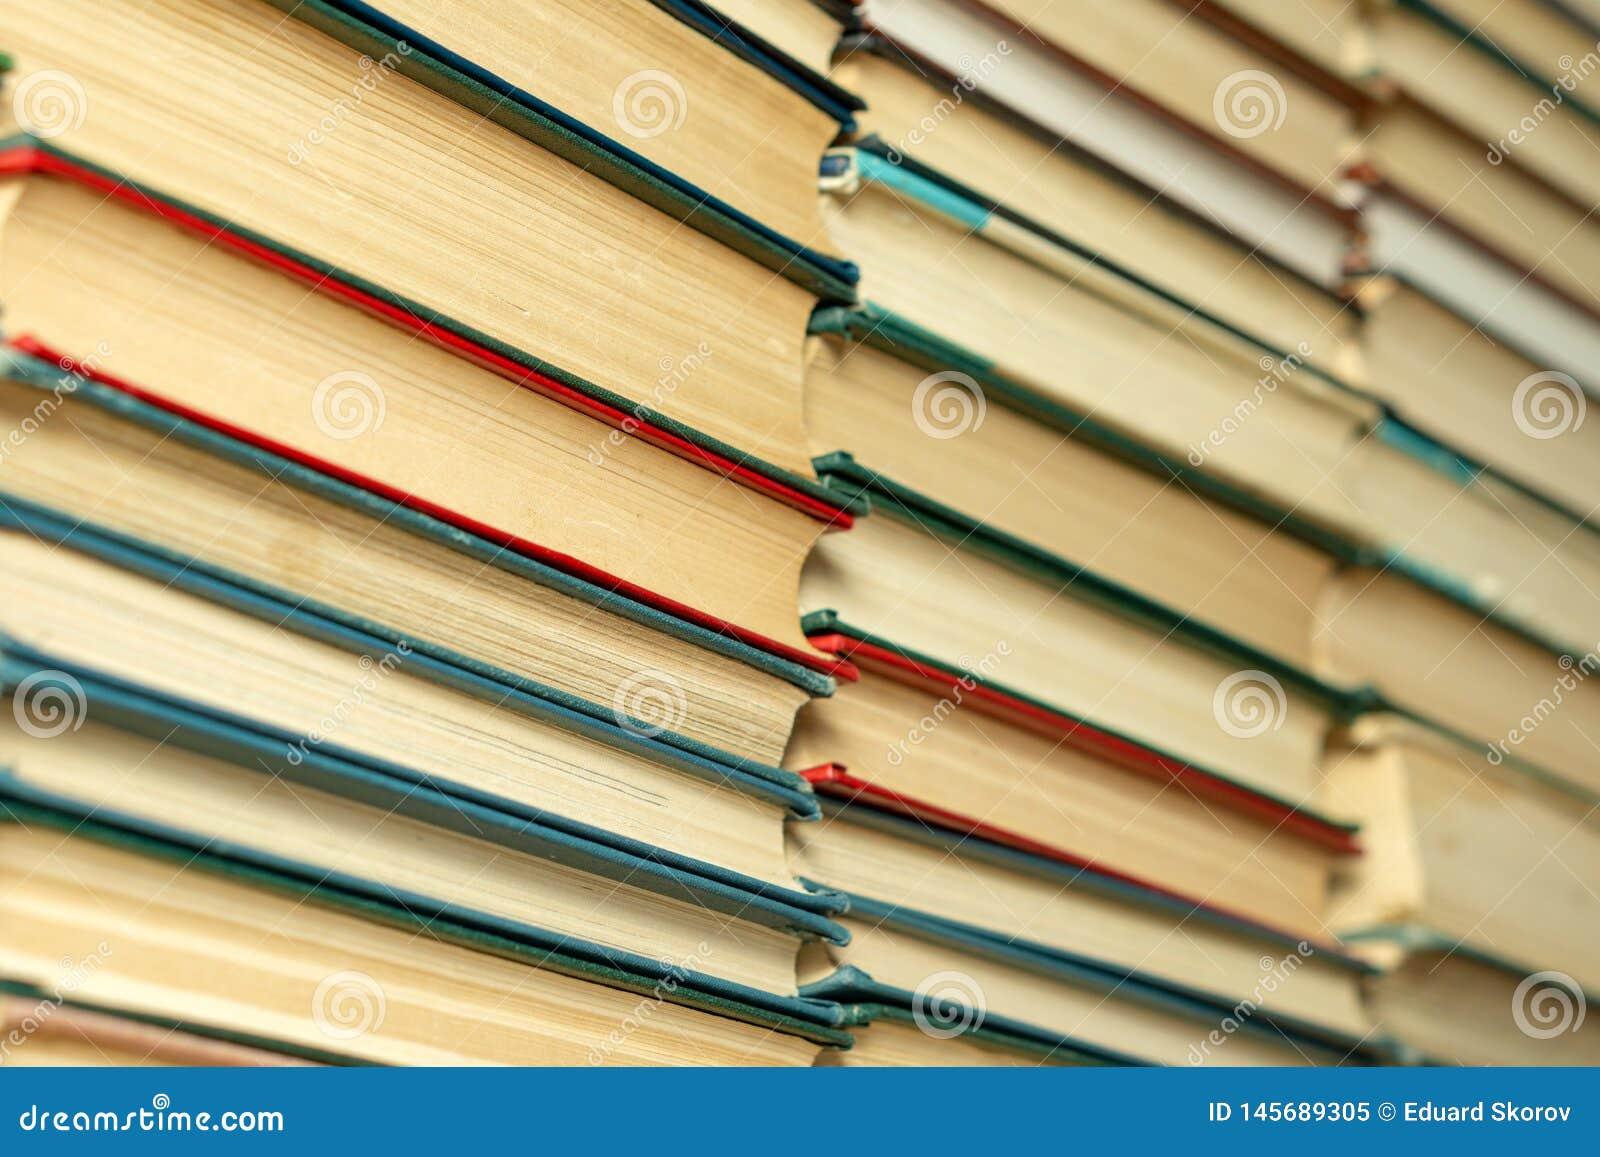 Libros viejos en una tabla de madera biblioteca